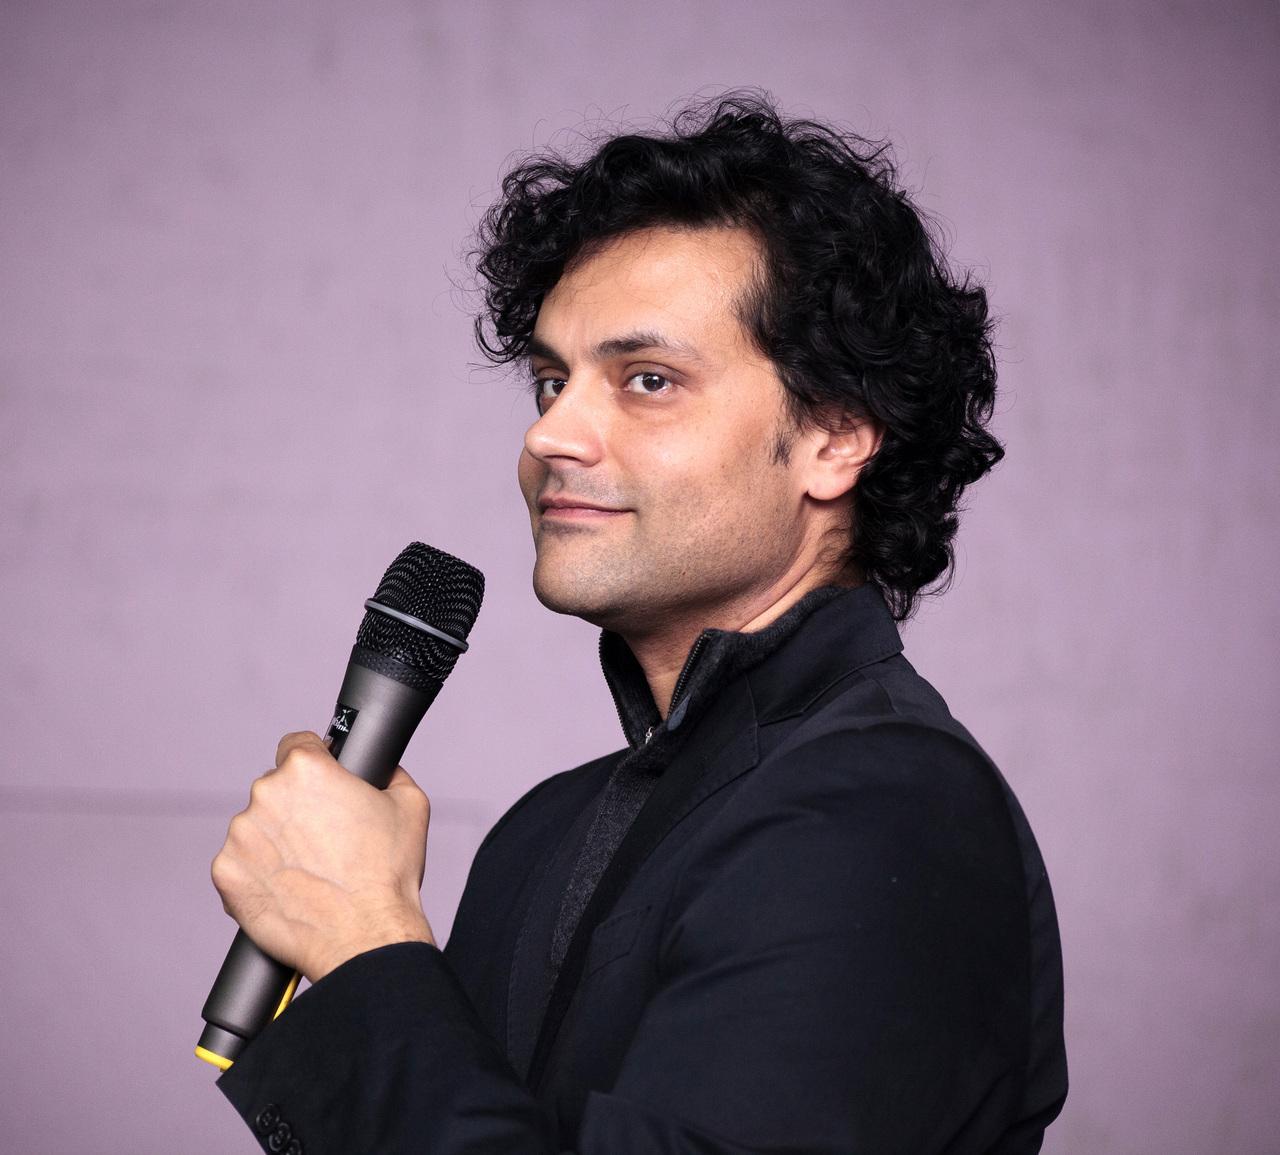 Ravi speaker purple300dpi